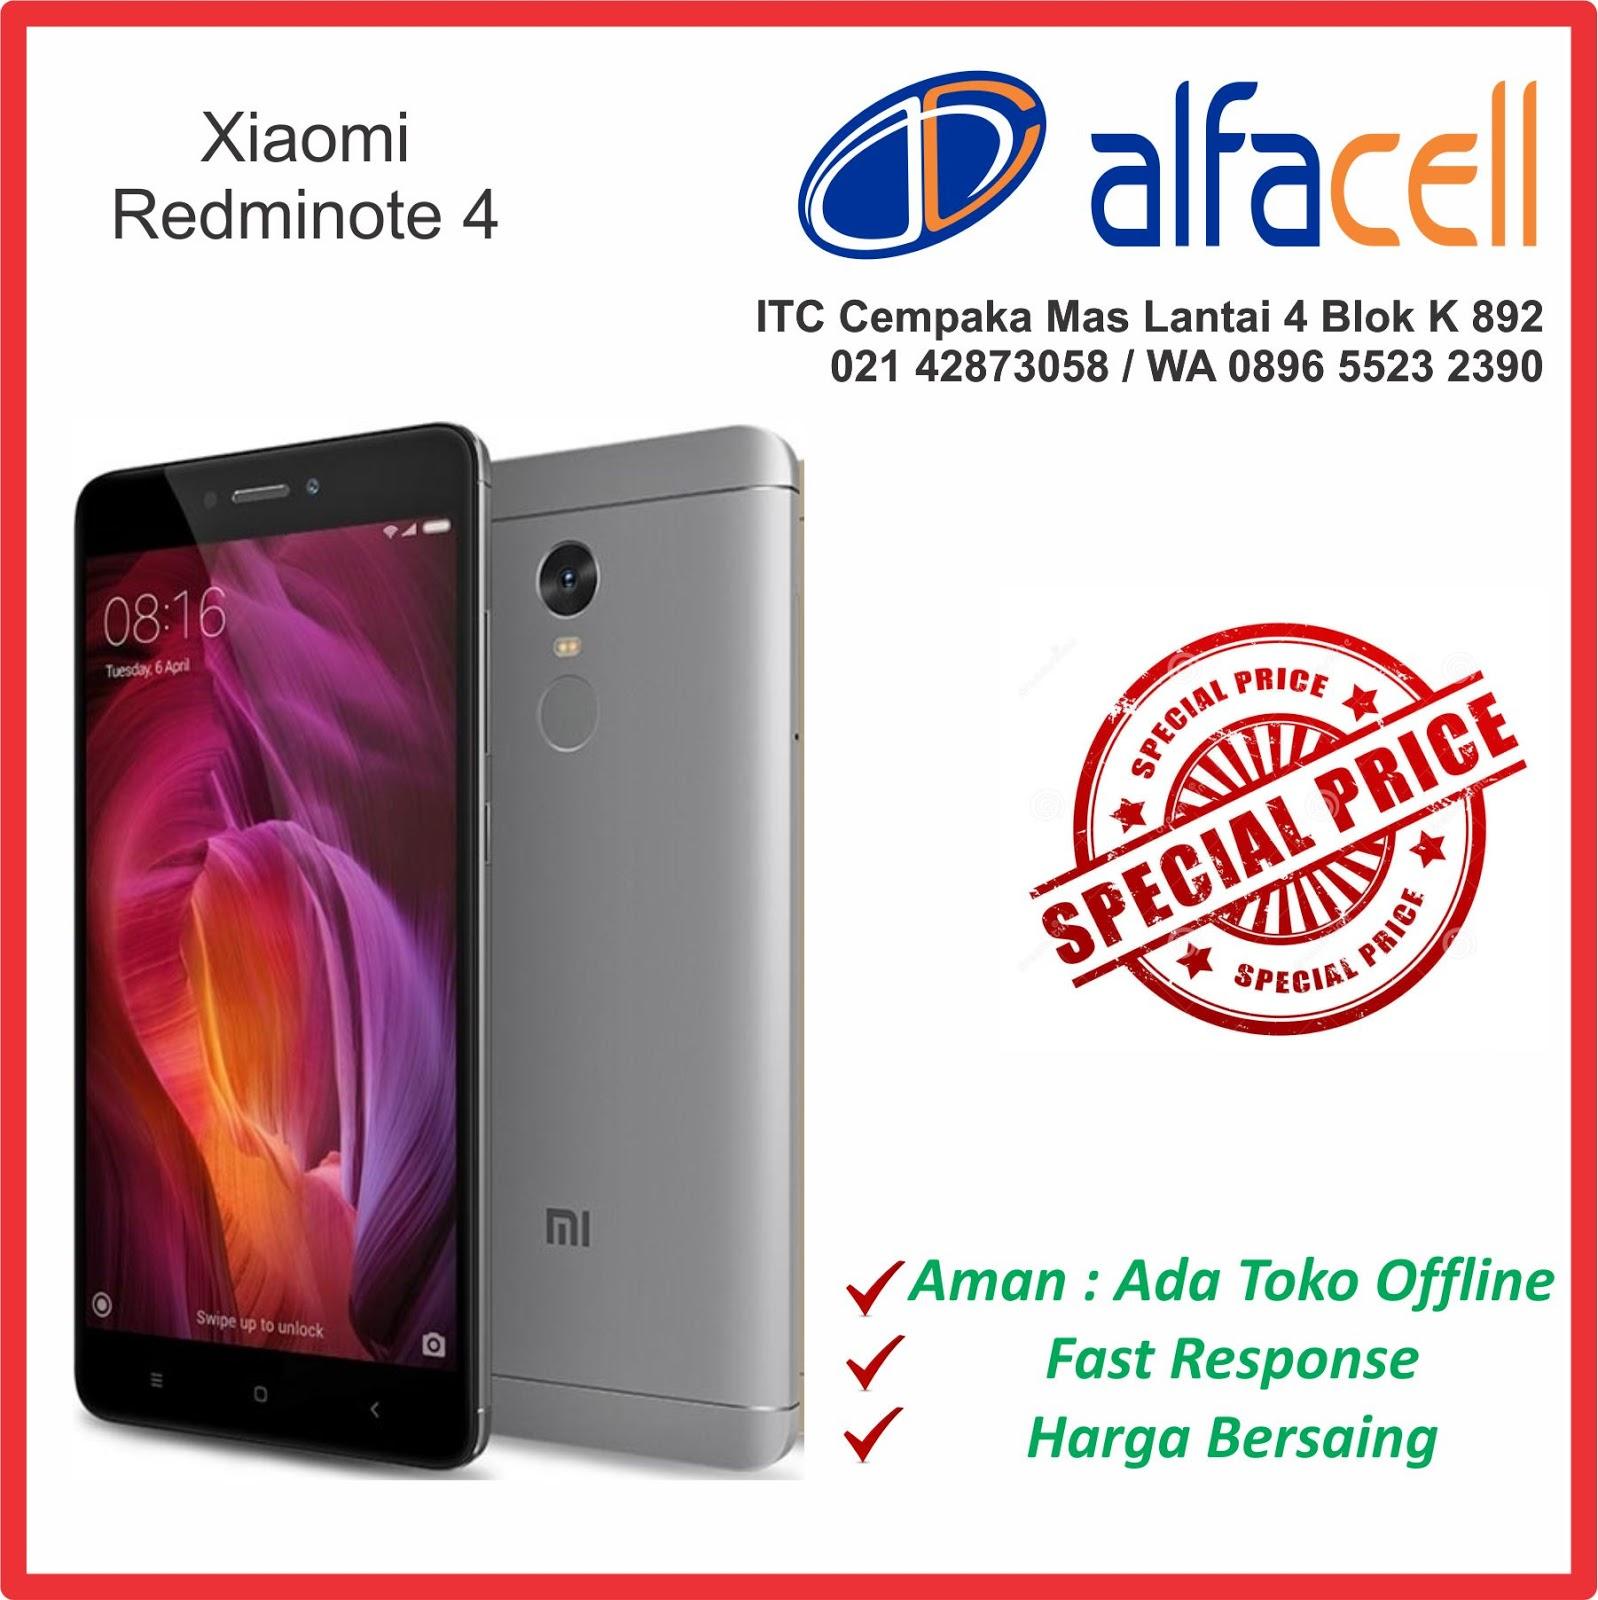 Xiaomi Bisa Kredit Tanpa Kartu Kredit - Cash. ITC Cempaka Mas Jakarta. Info  Harga Silahkan Klik Ke   Info Harga Lengkap aa801c05ee